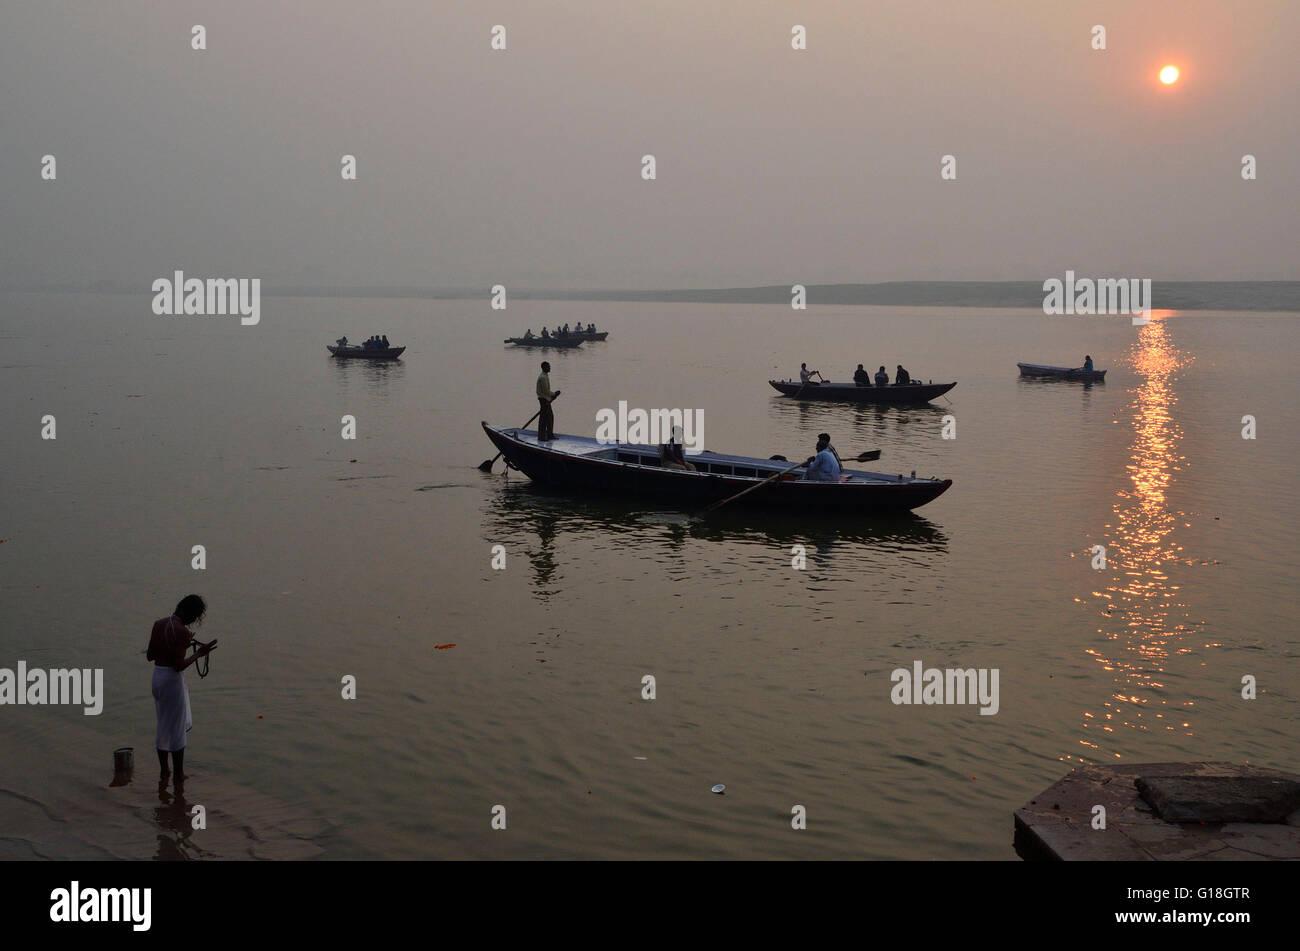 Amanecer en el río sagrado Ganges o Ganges, Varanasi, Uttar Pradesh, India Imagen De Stock